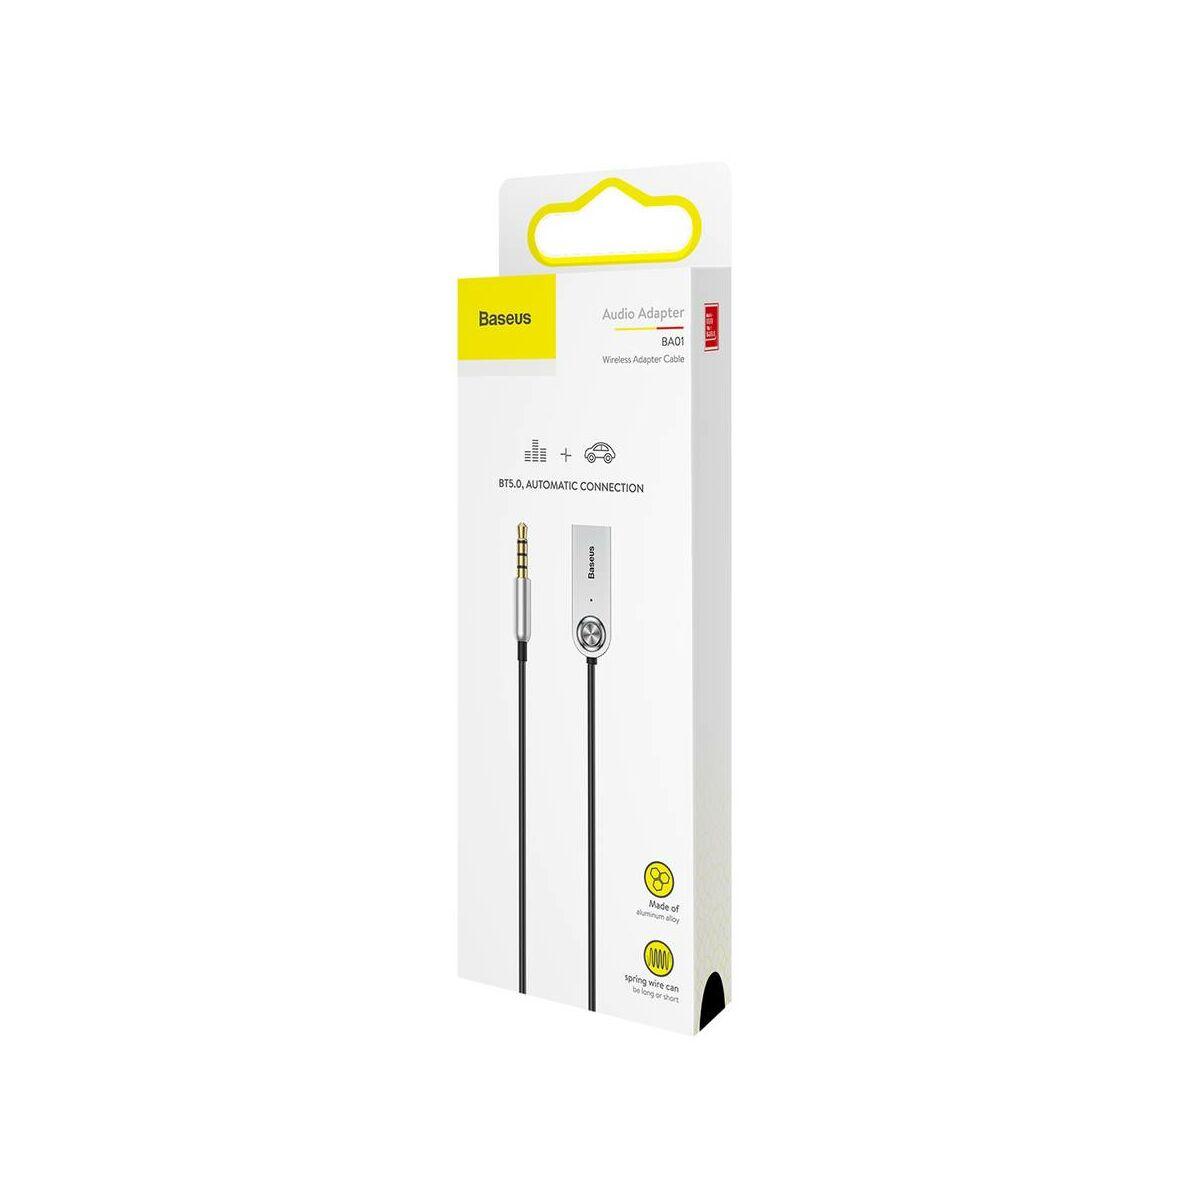 Baseus átalakító kábel, BA01 USB + vezeték nélküli adapterről 3.5 mm Jack bemenetre, fekete (CABA01-01)